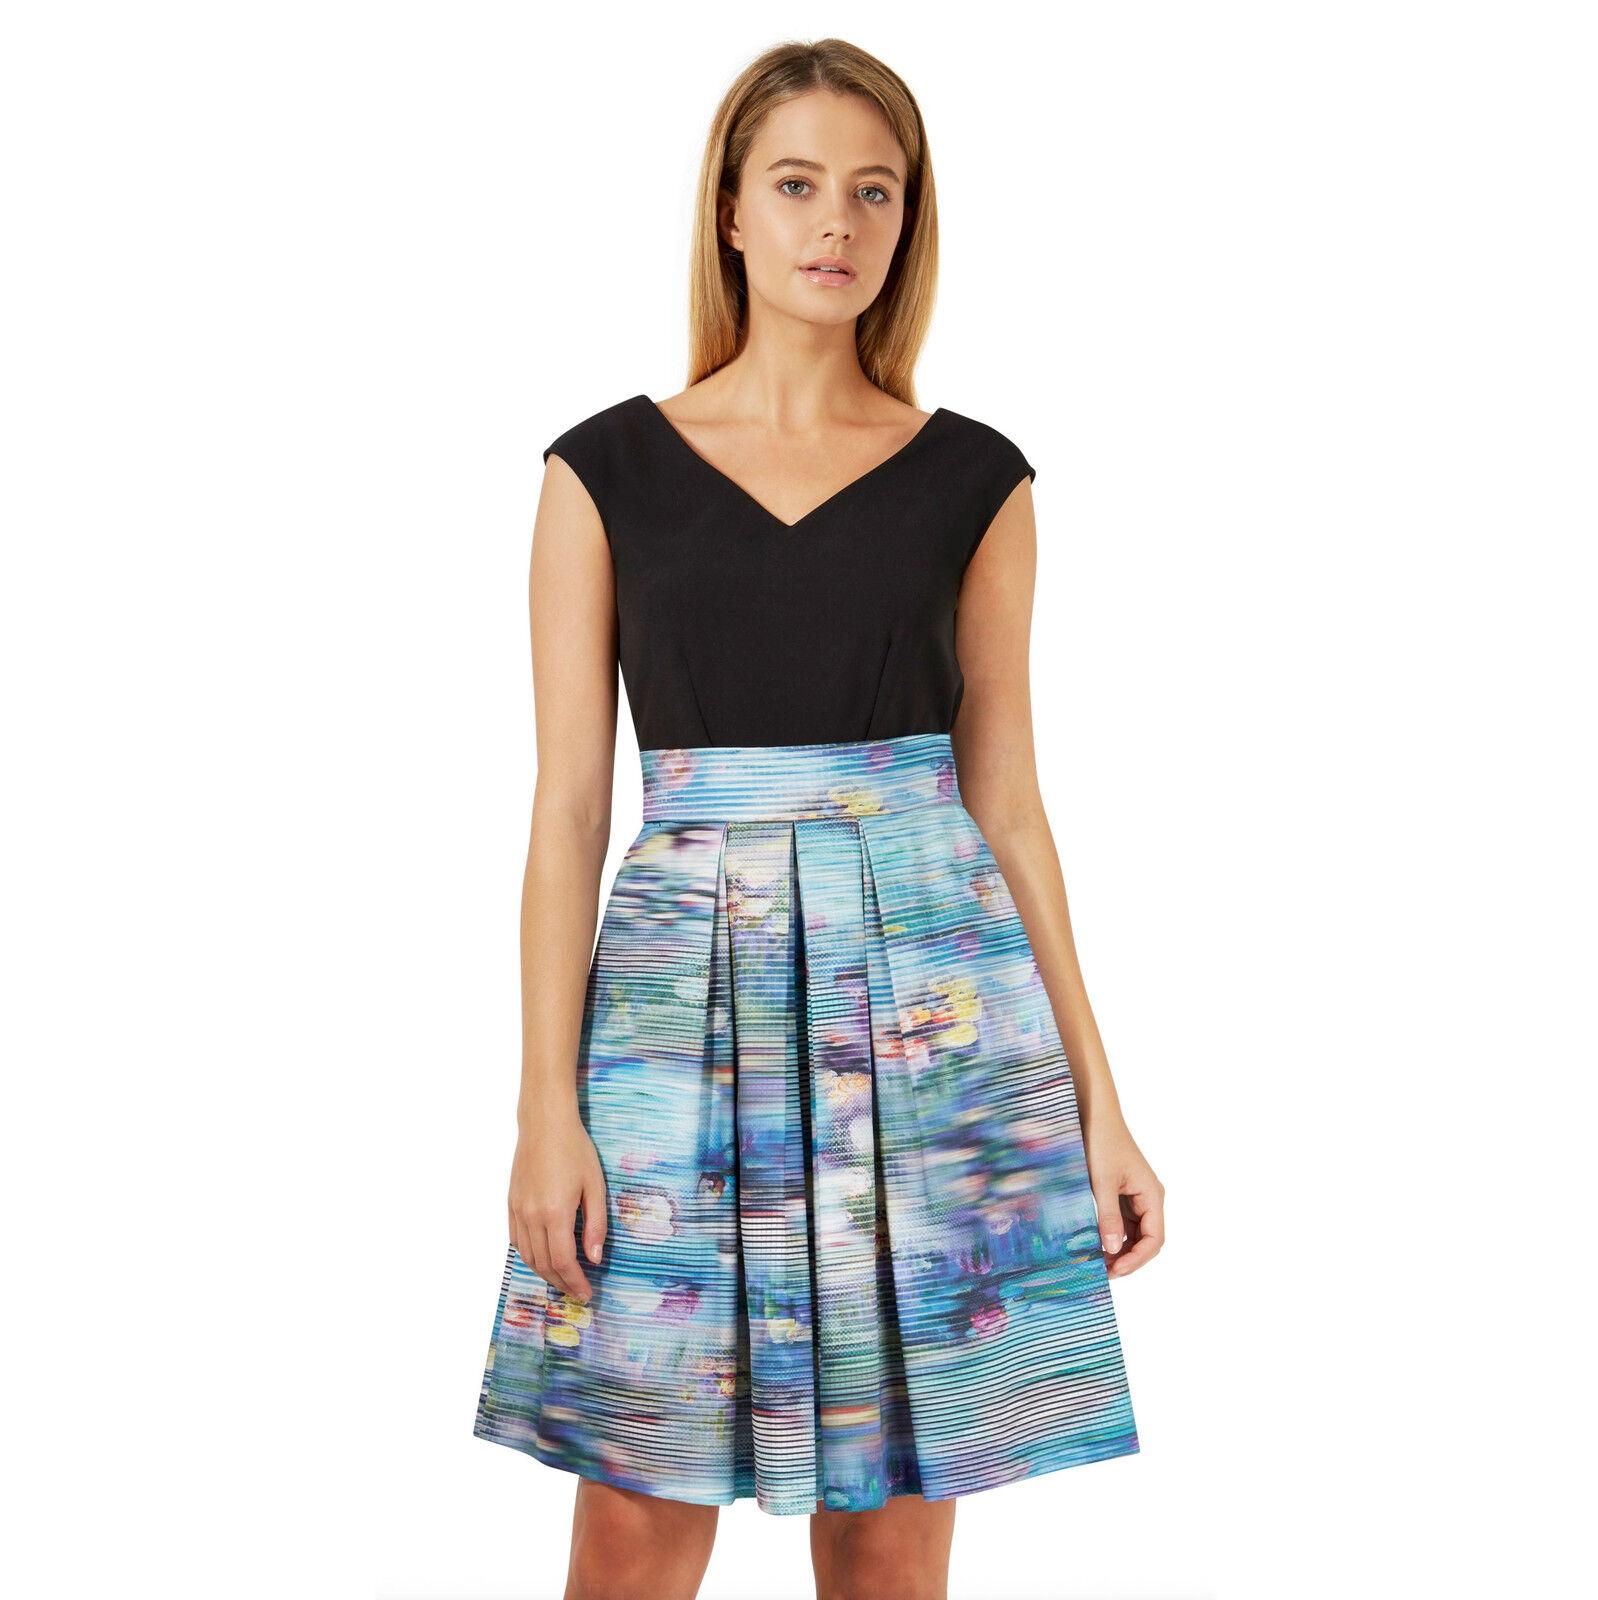 %Closet Seepinkn Kleid black XS, M, L oder XL (  12  14  16)